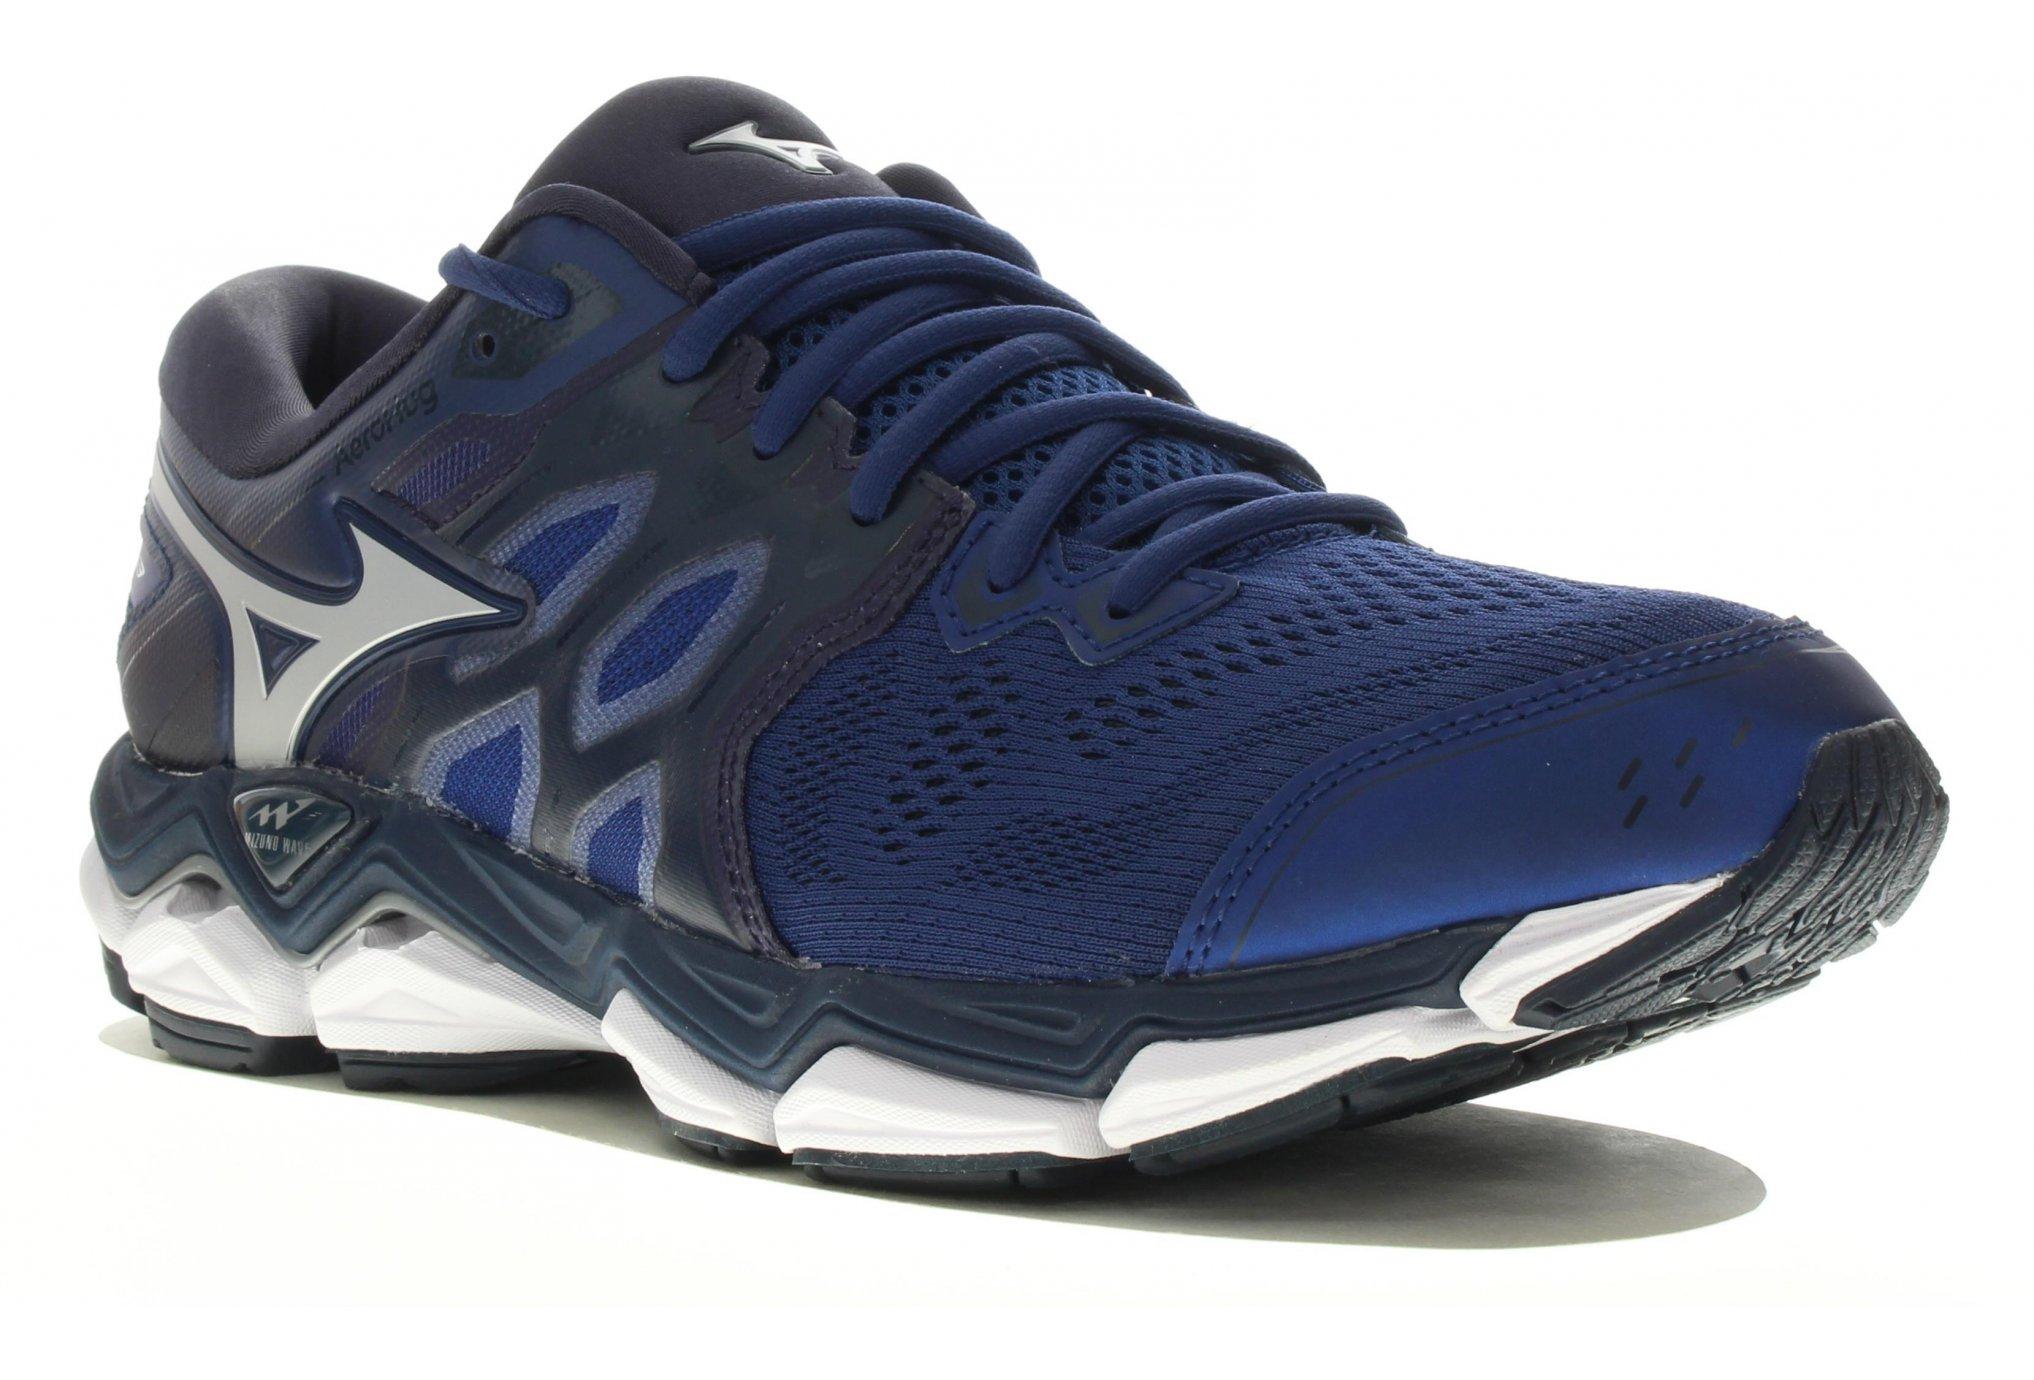 Mizuno Wave Horizon 3 Chaussures homme